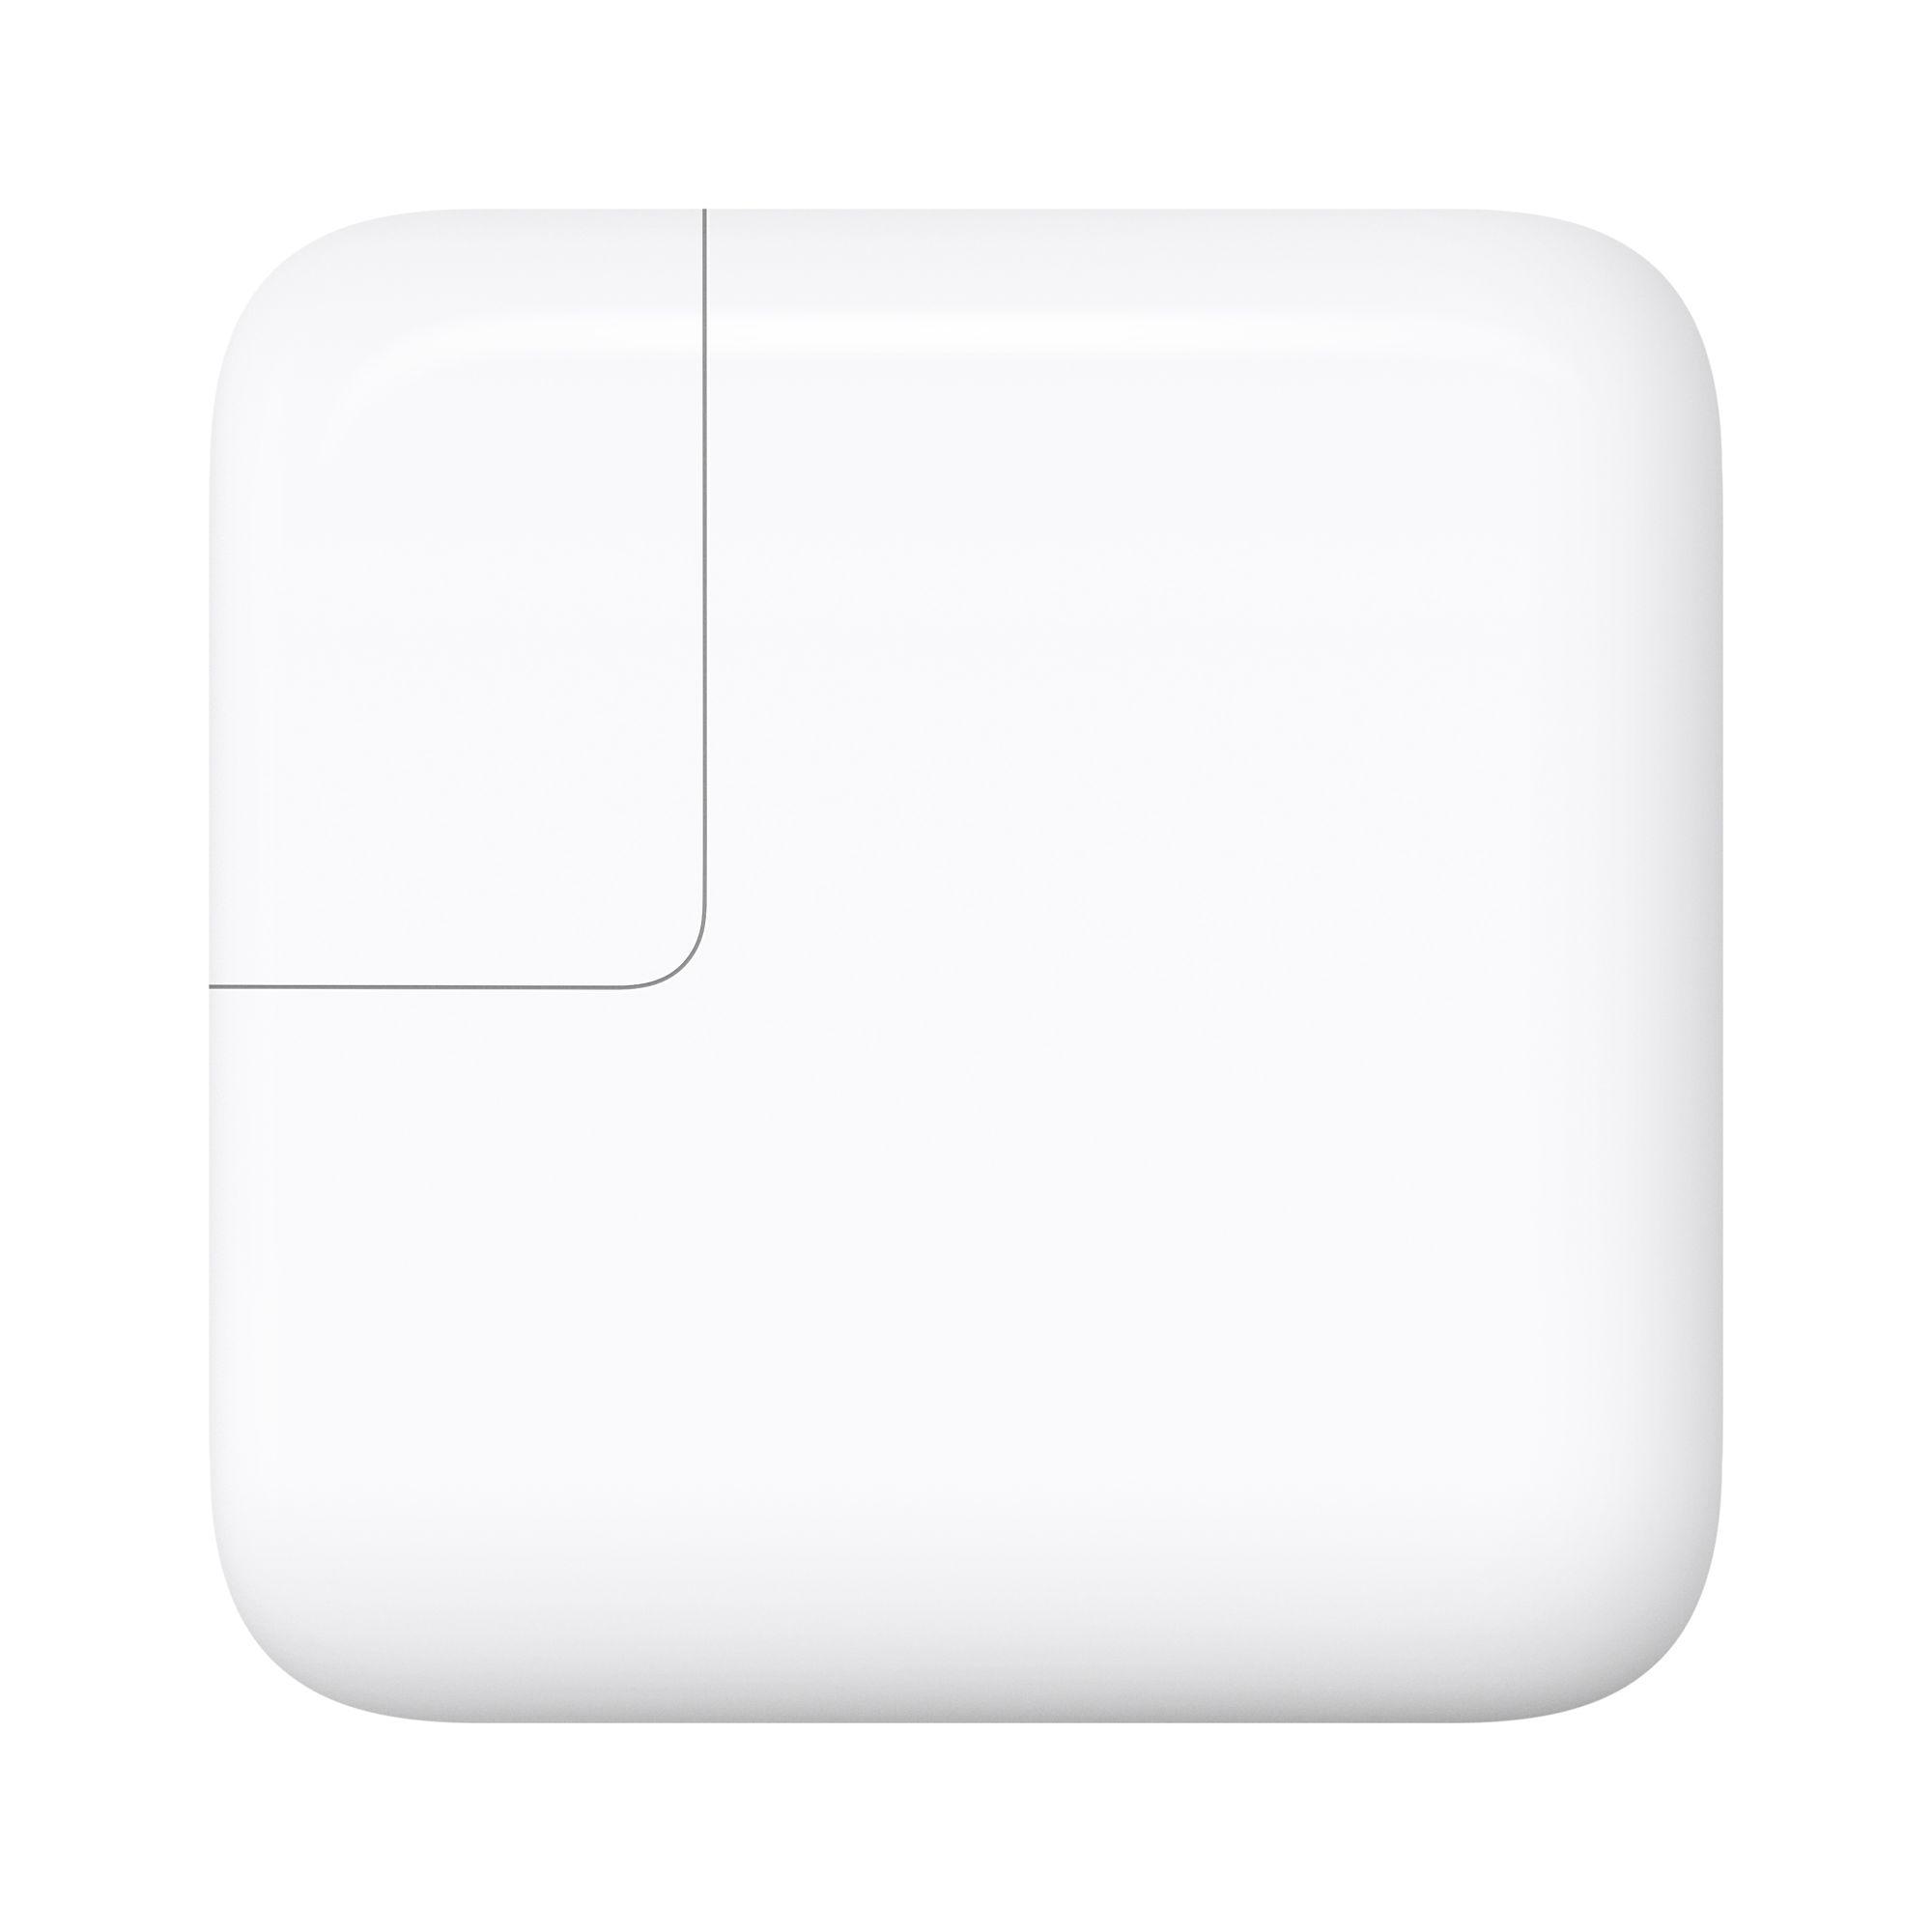 Originální sítóvý adaptér - Apple, 29W USB-C